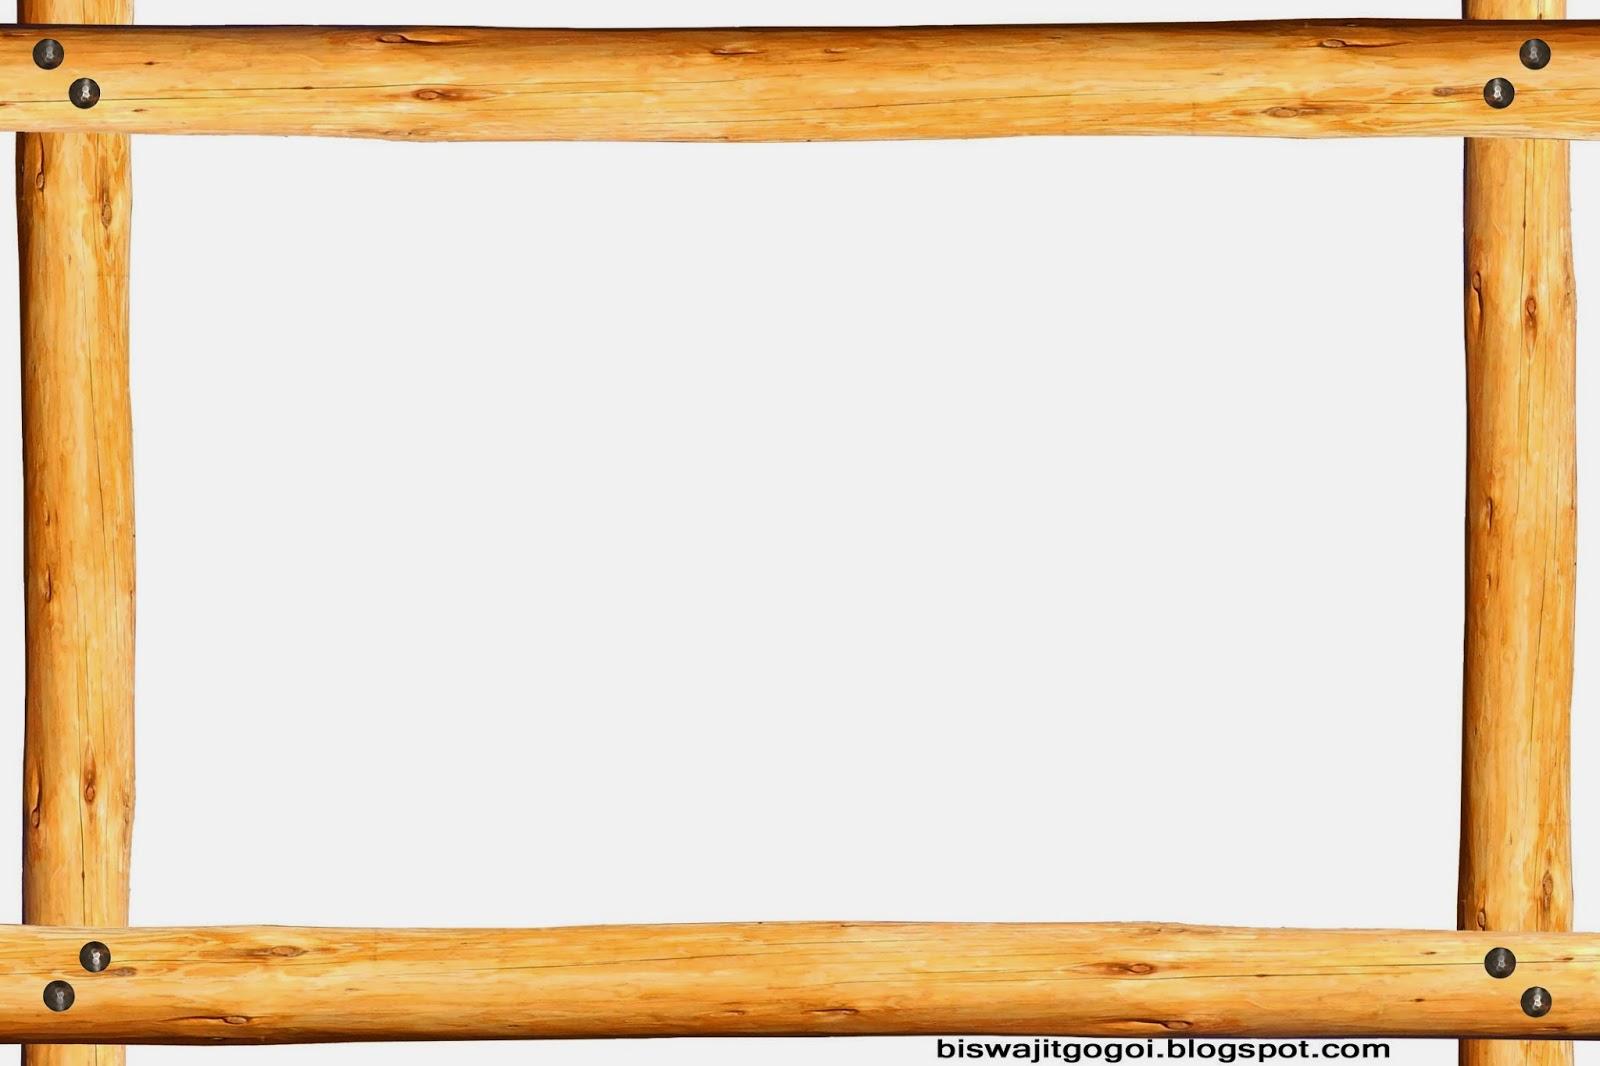 Log Picture Frames : log frame straight carved photoshop frame photoshop wood log frame ...